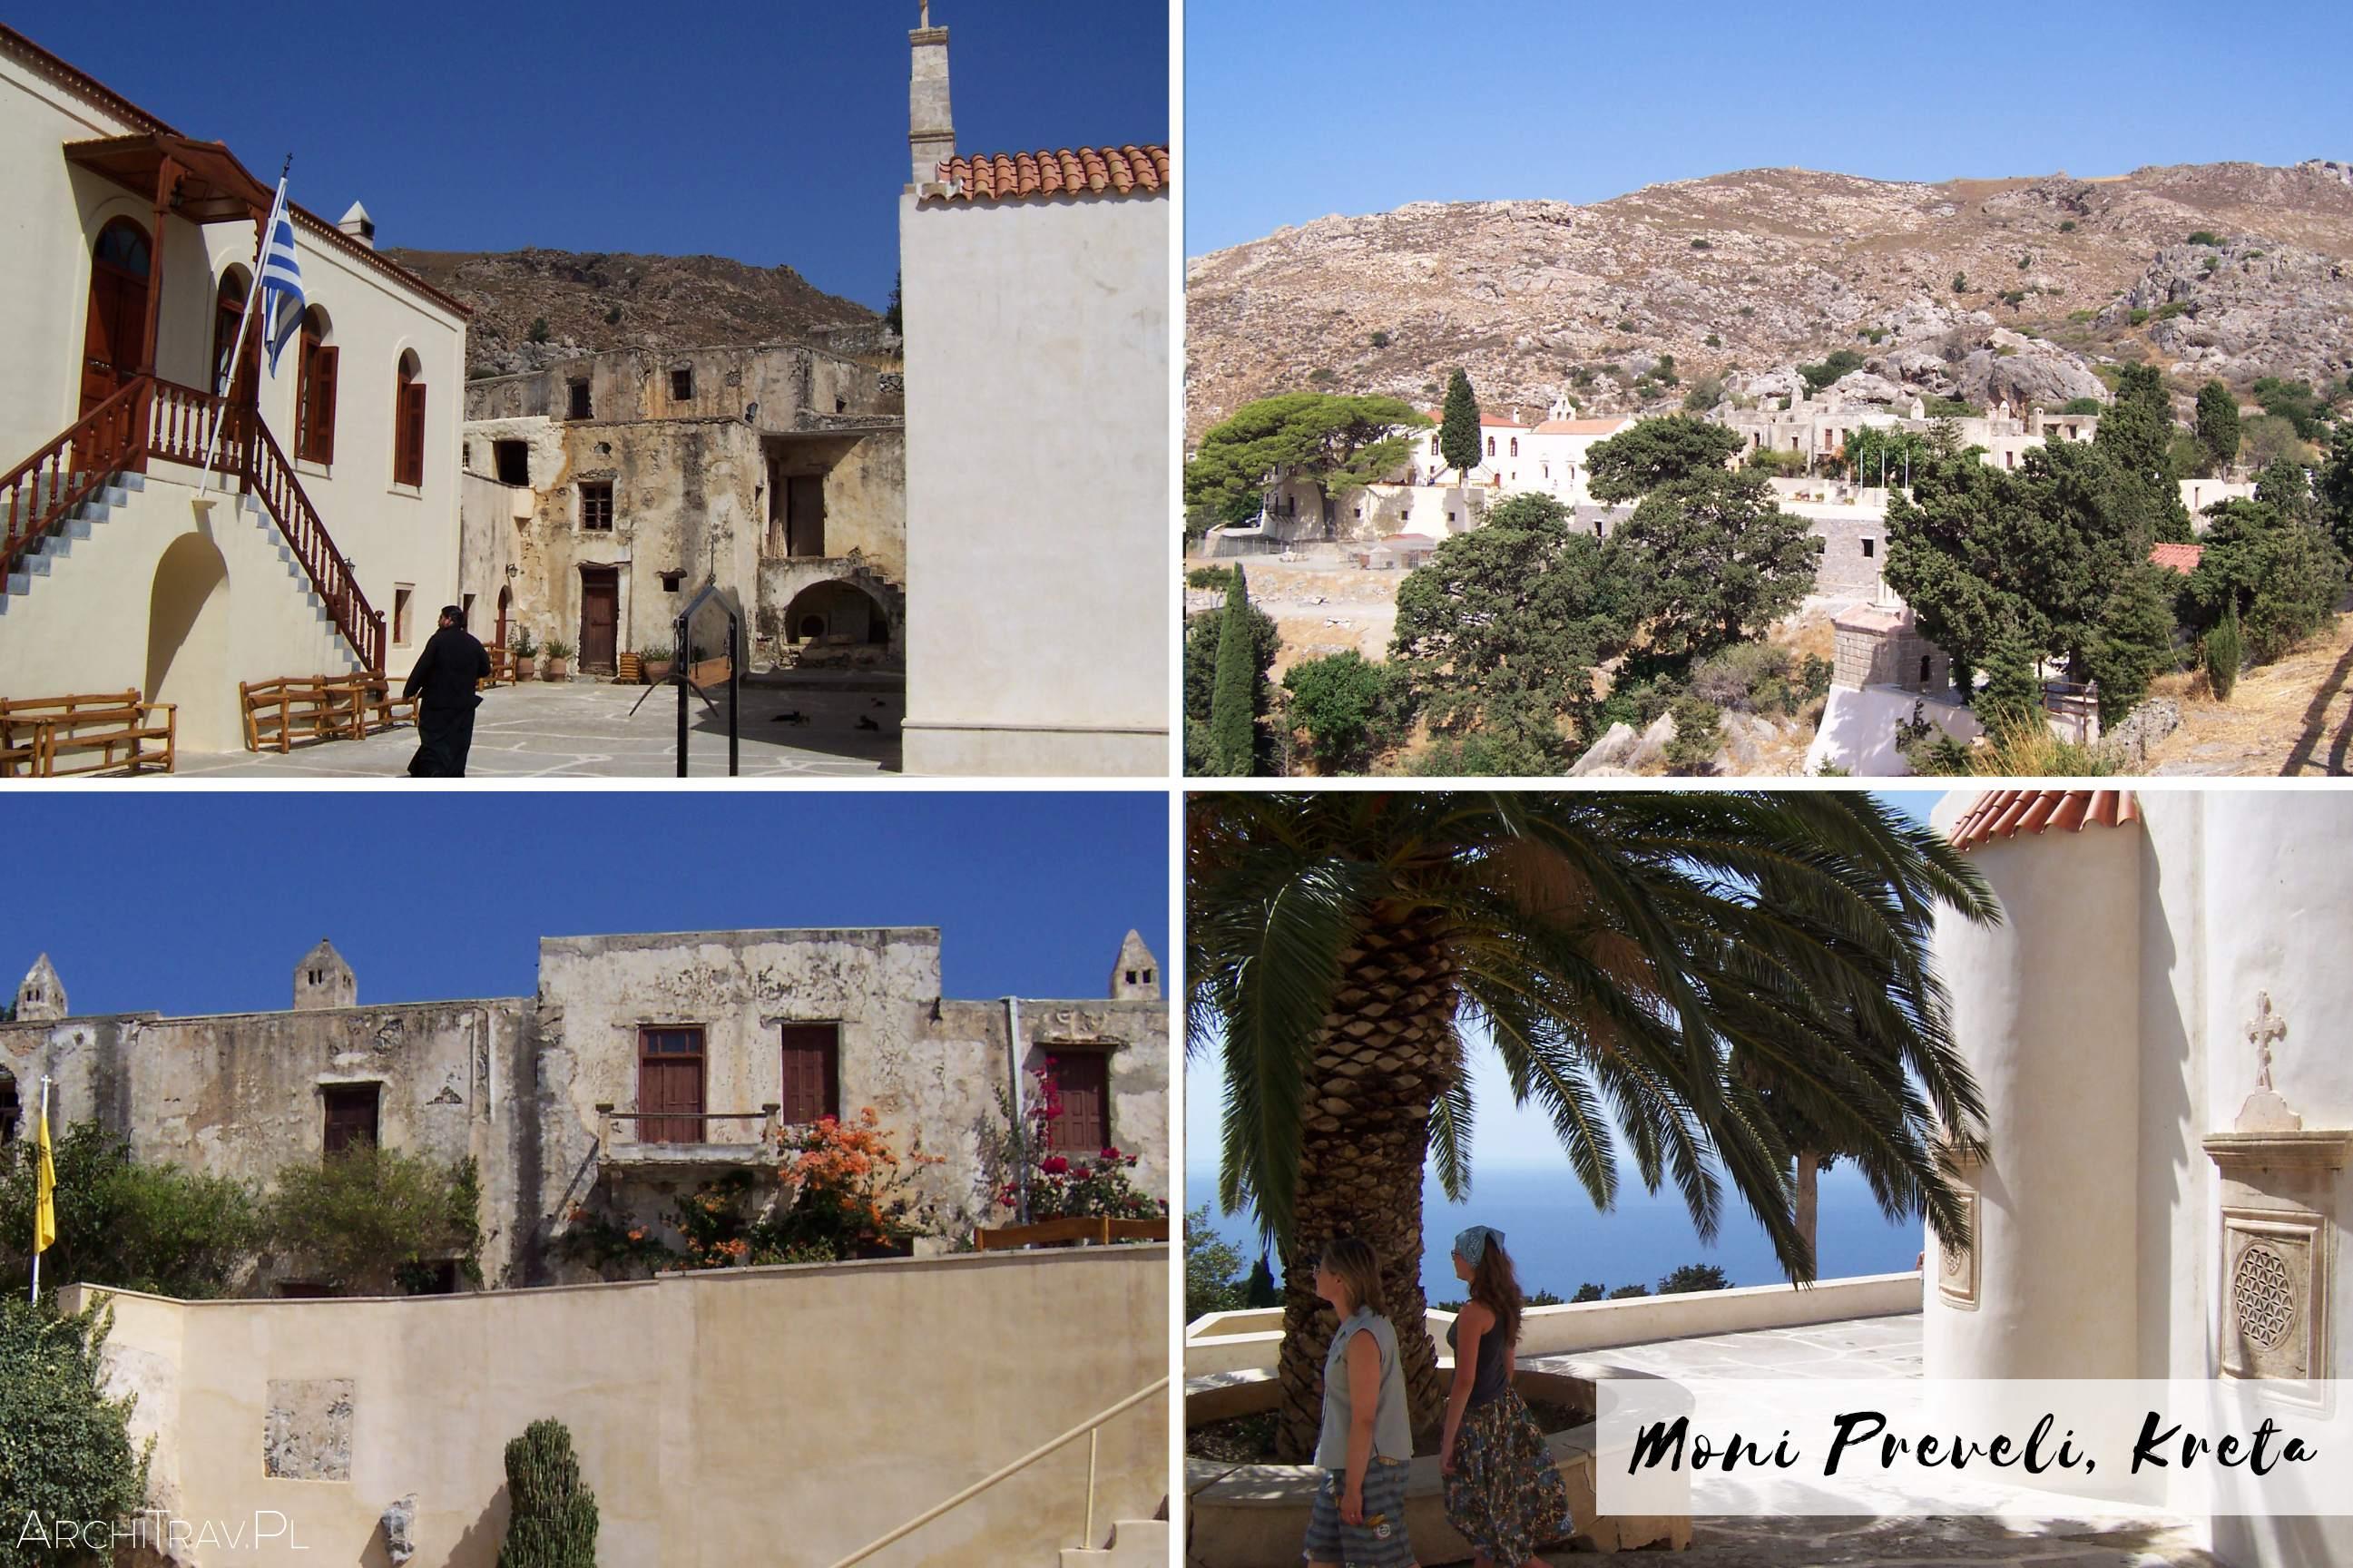 zdjecie zlozone z czterech mniejszych - Moni Preveli Kreta klasztor